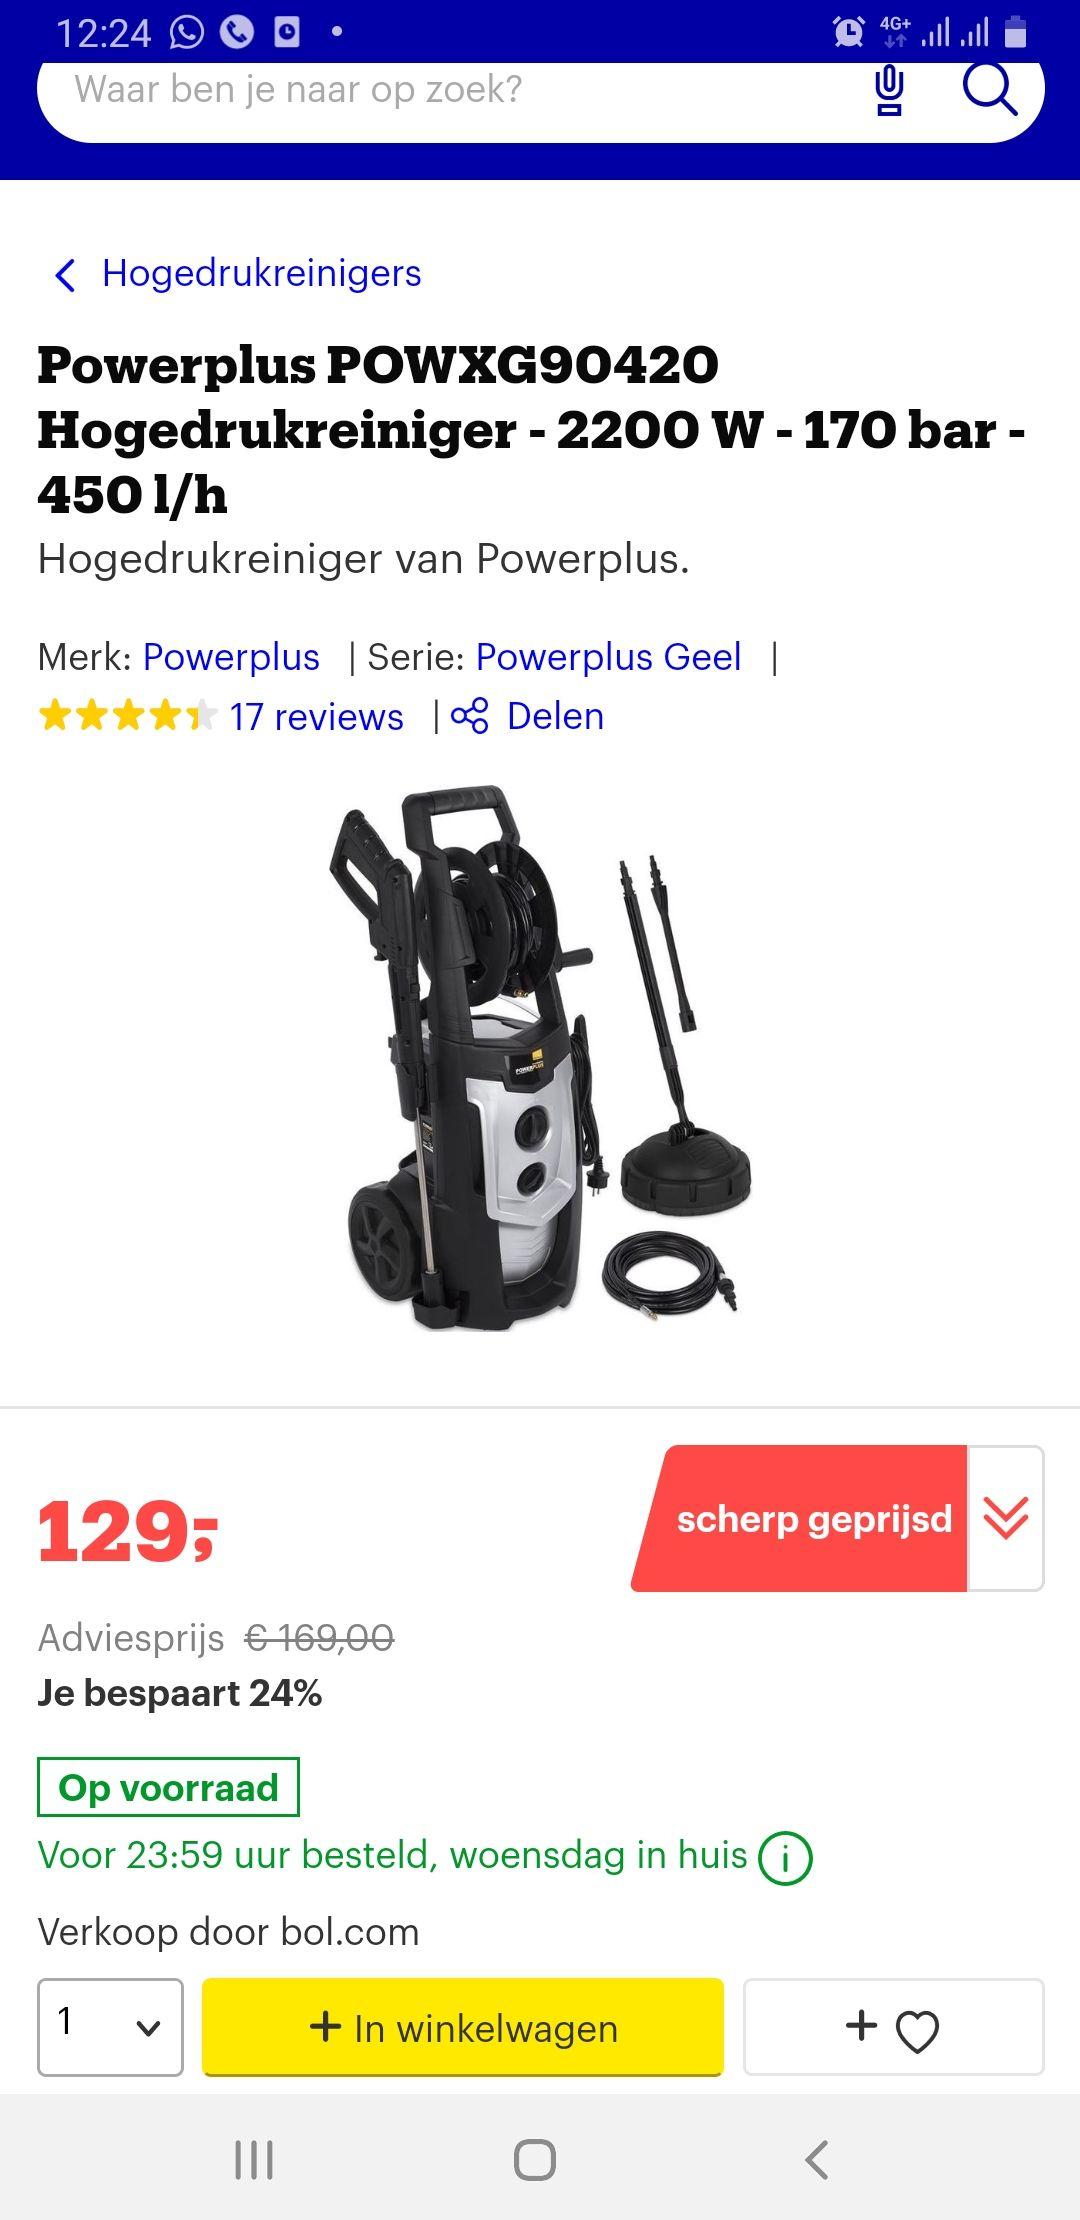 Powerplus POWXG90420 Hogedrukreiniger - 2200 W - 170 bar - 450 l/h